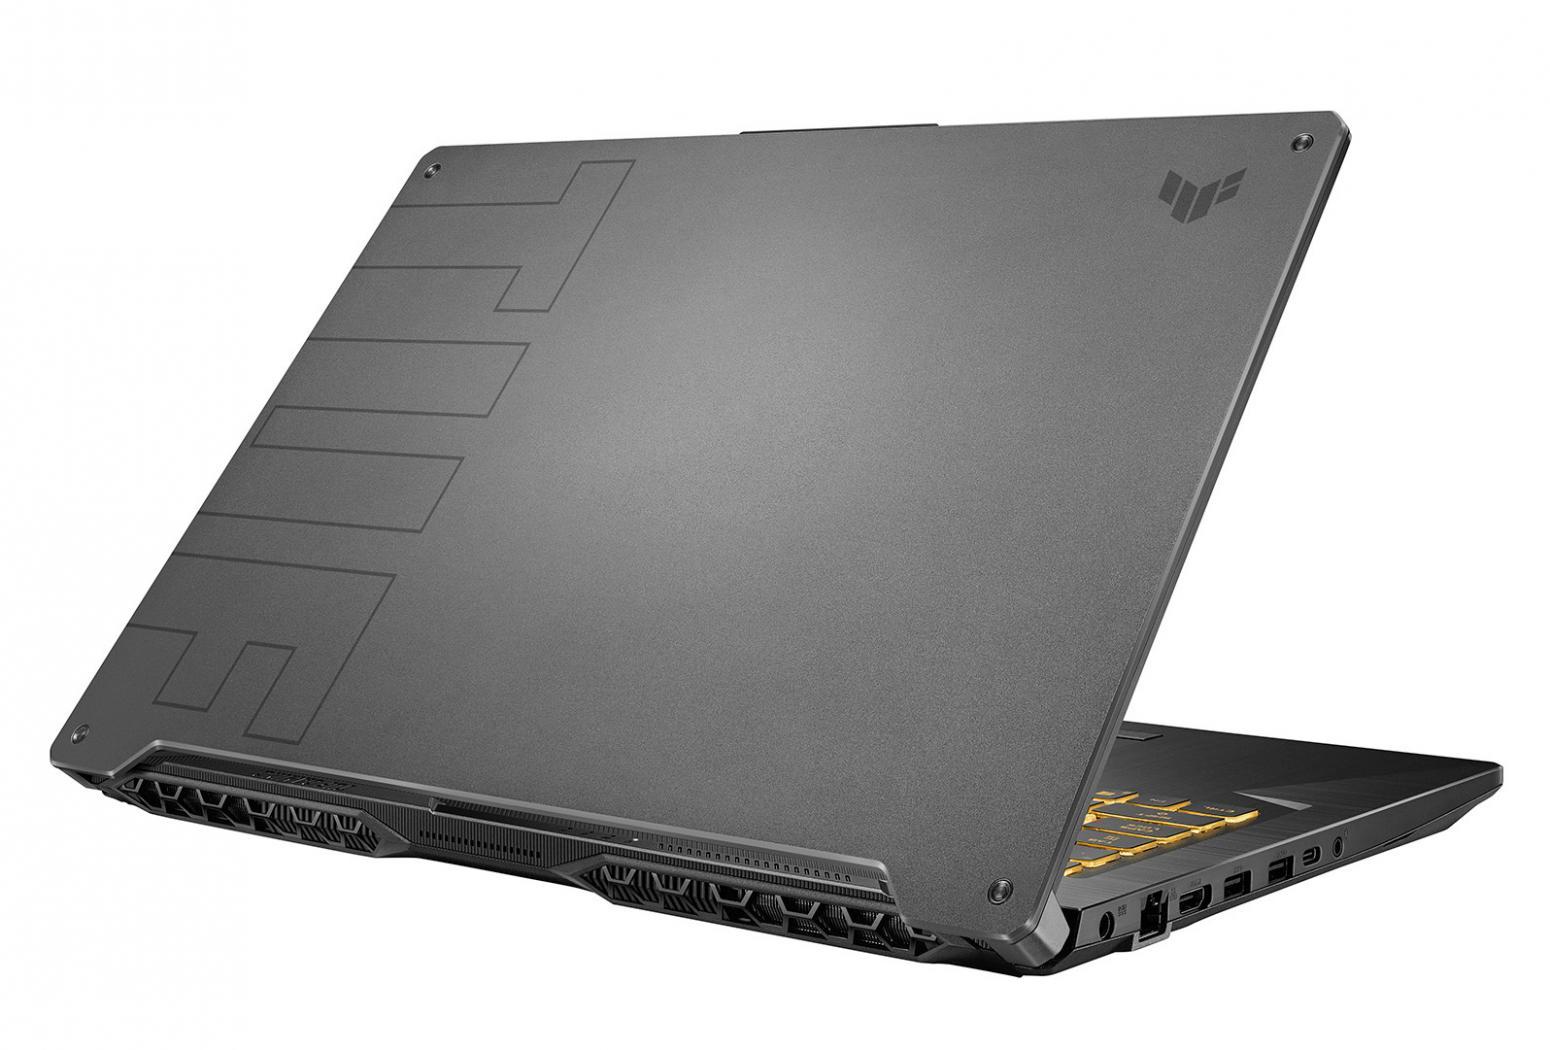 Ordinateur portable Asus A17 TUF766HC-HX001T Noir - RTX 3050, 144Hz - photo 5